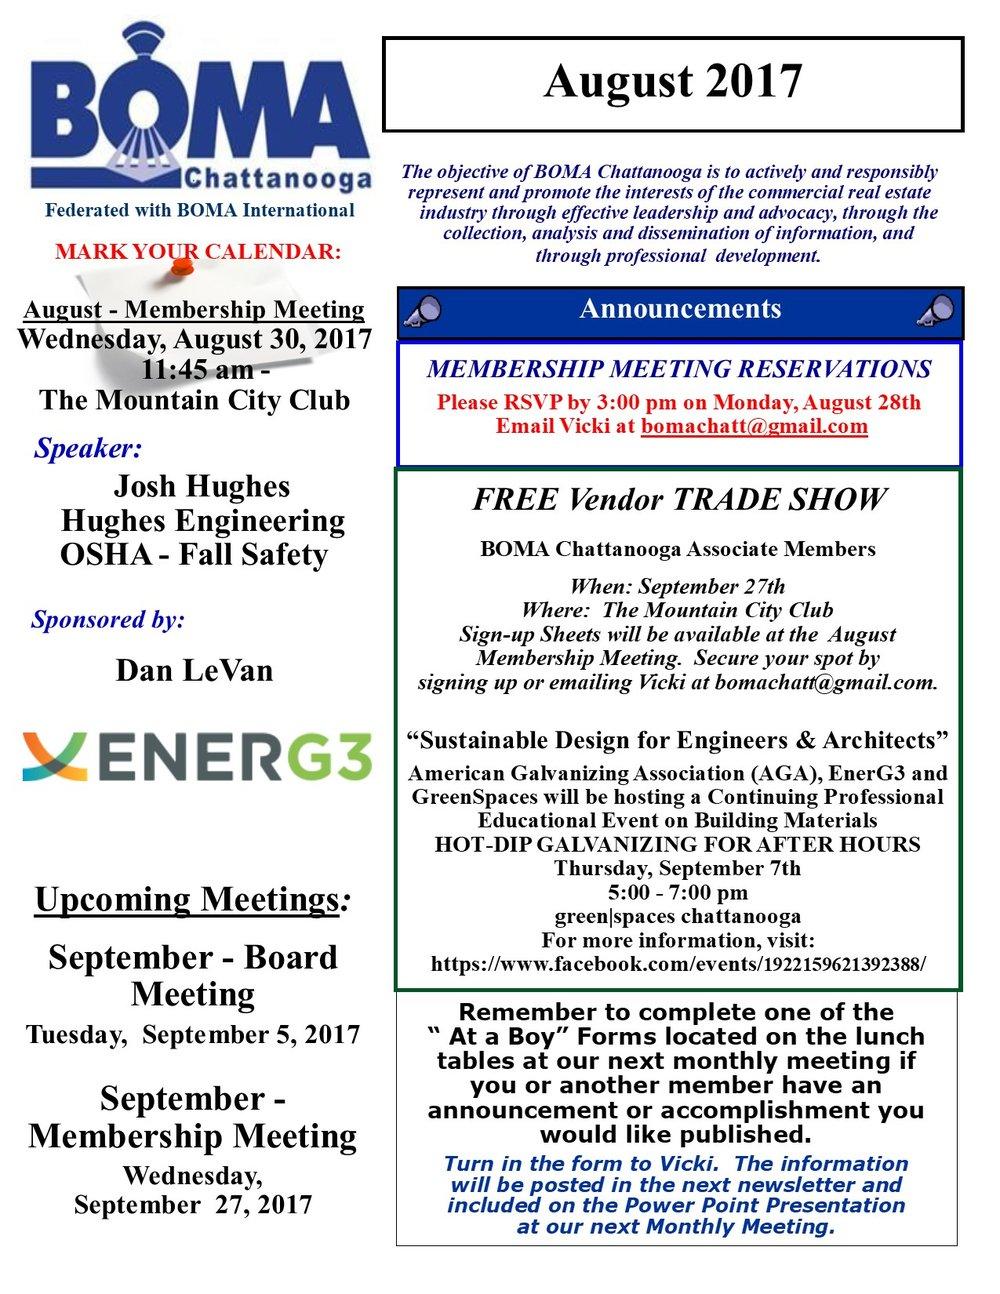 August 2017 Newsletter (3).jpg